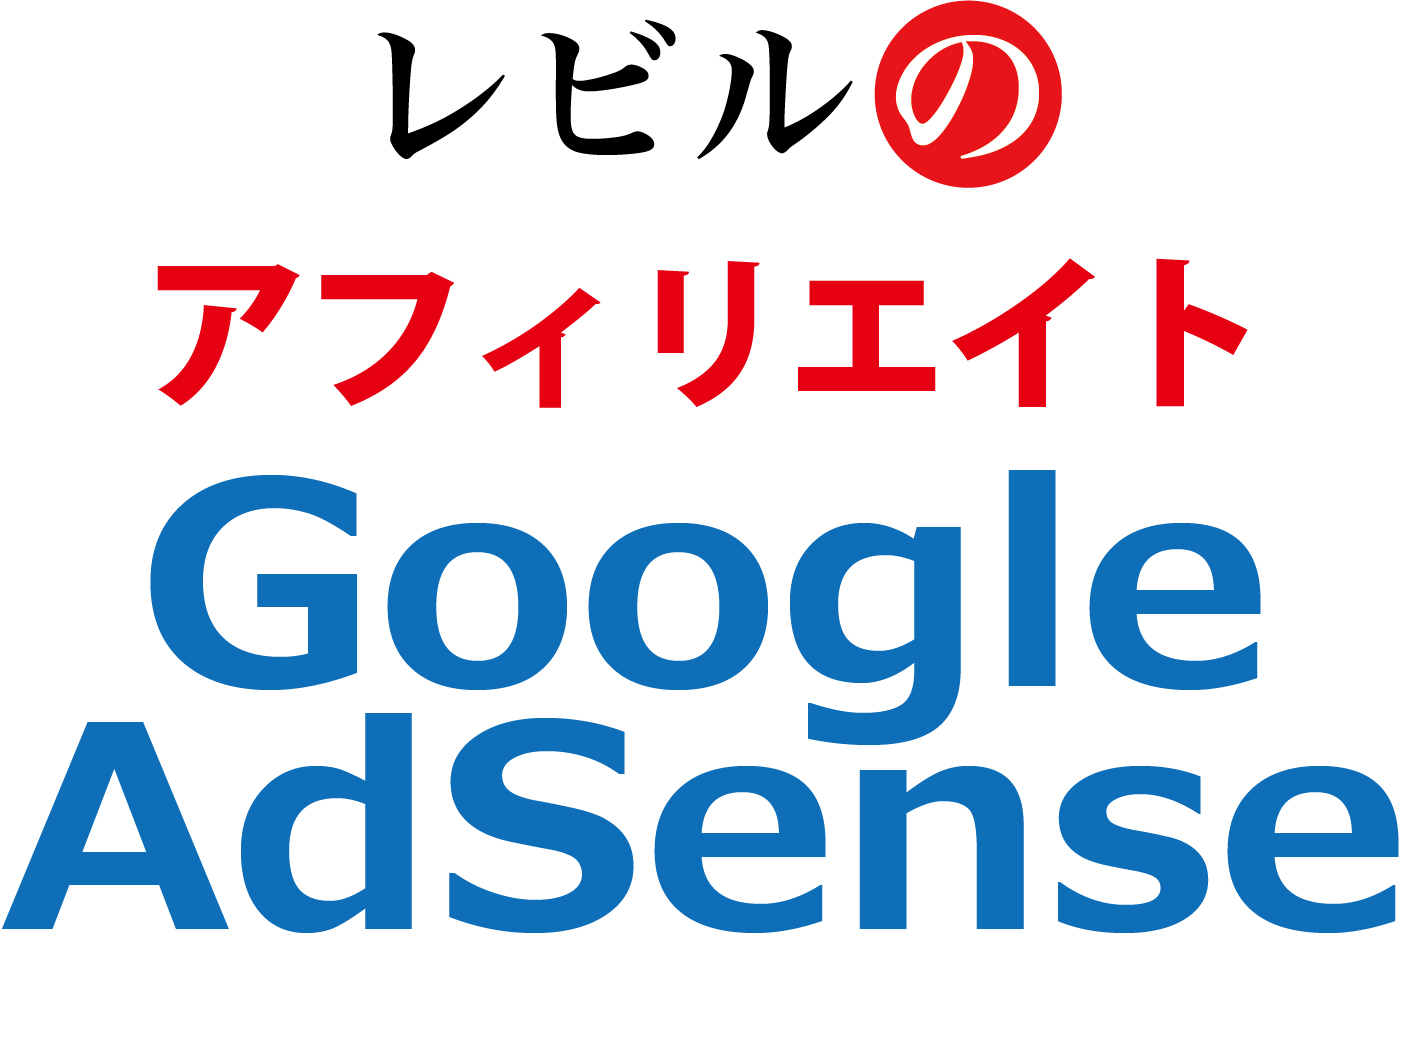 レビルのGoogleアドセンス